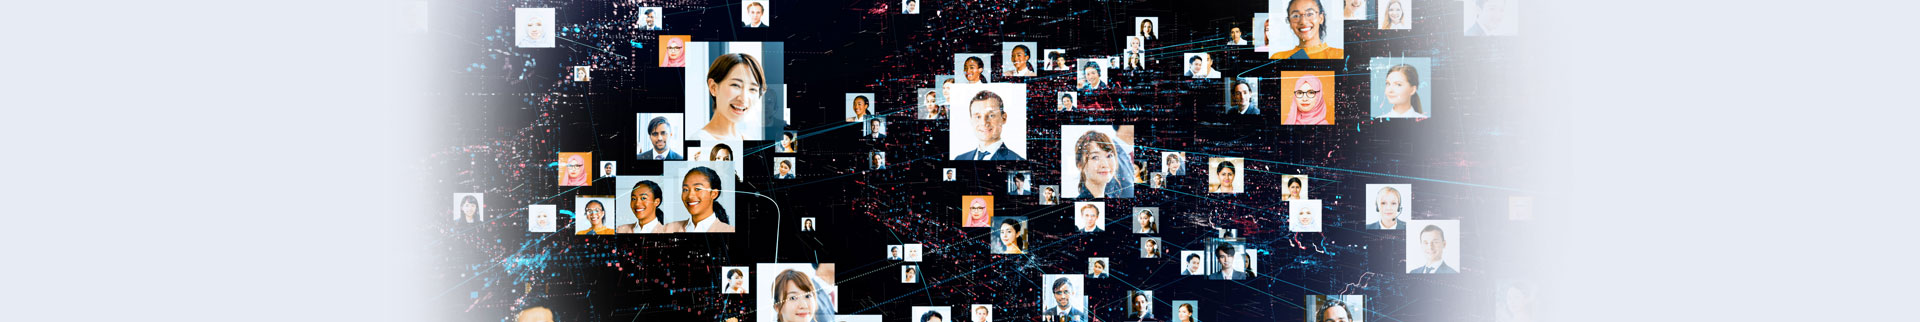 LinkedIn forgoes SlideShare